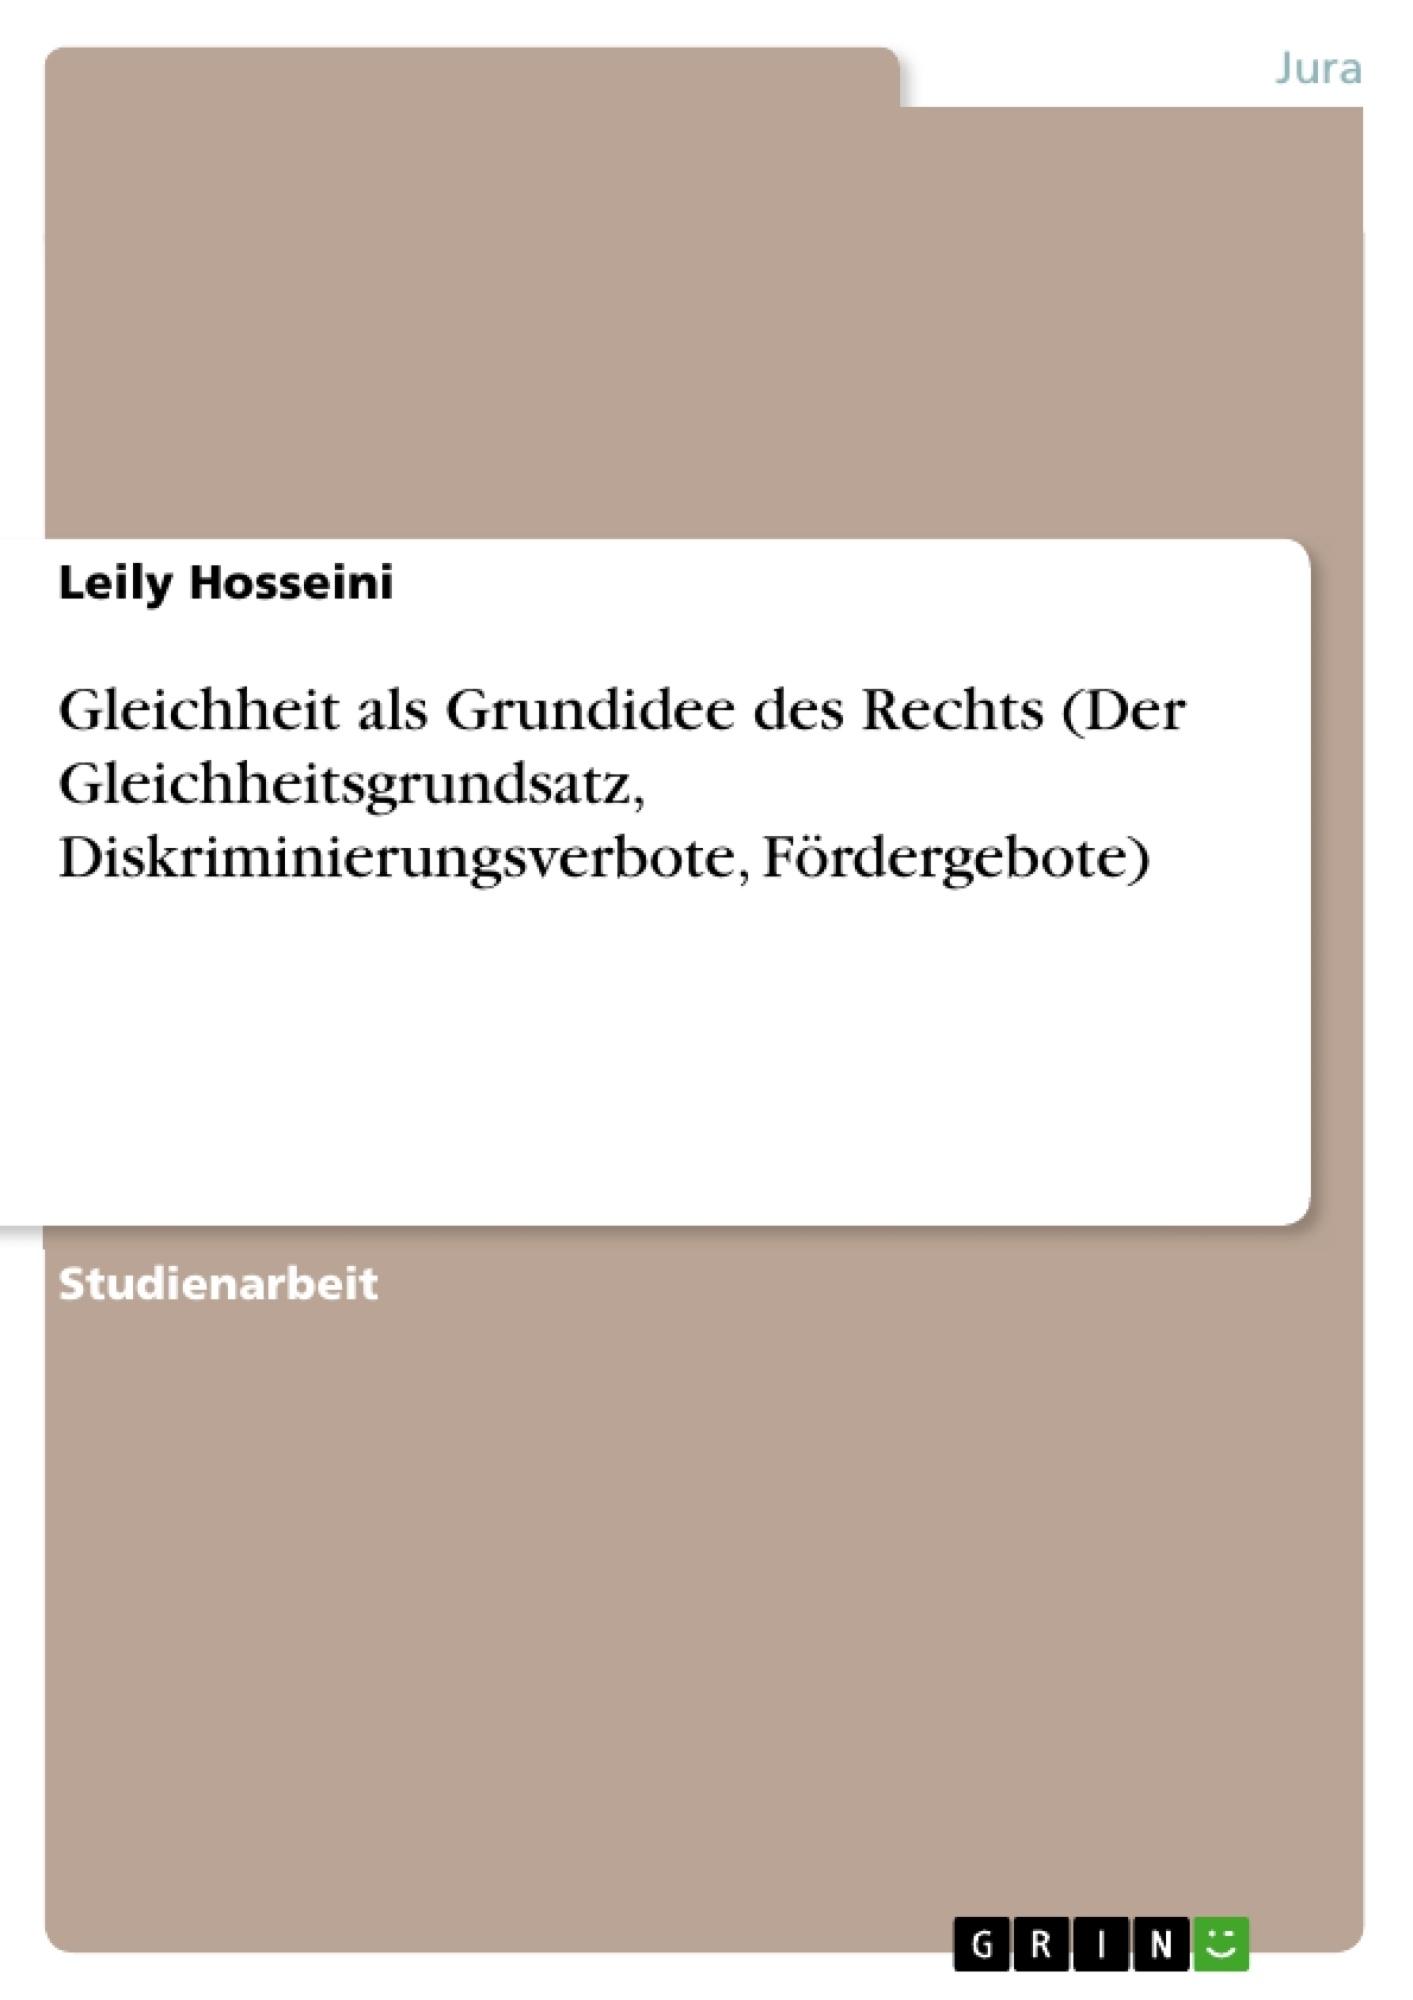 Titel: Gleichheit als Grundidee des Rechts (Der Gleichheitsgrundsatz, Diskriminierungsverbote, Fördergebote)